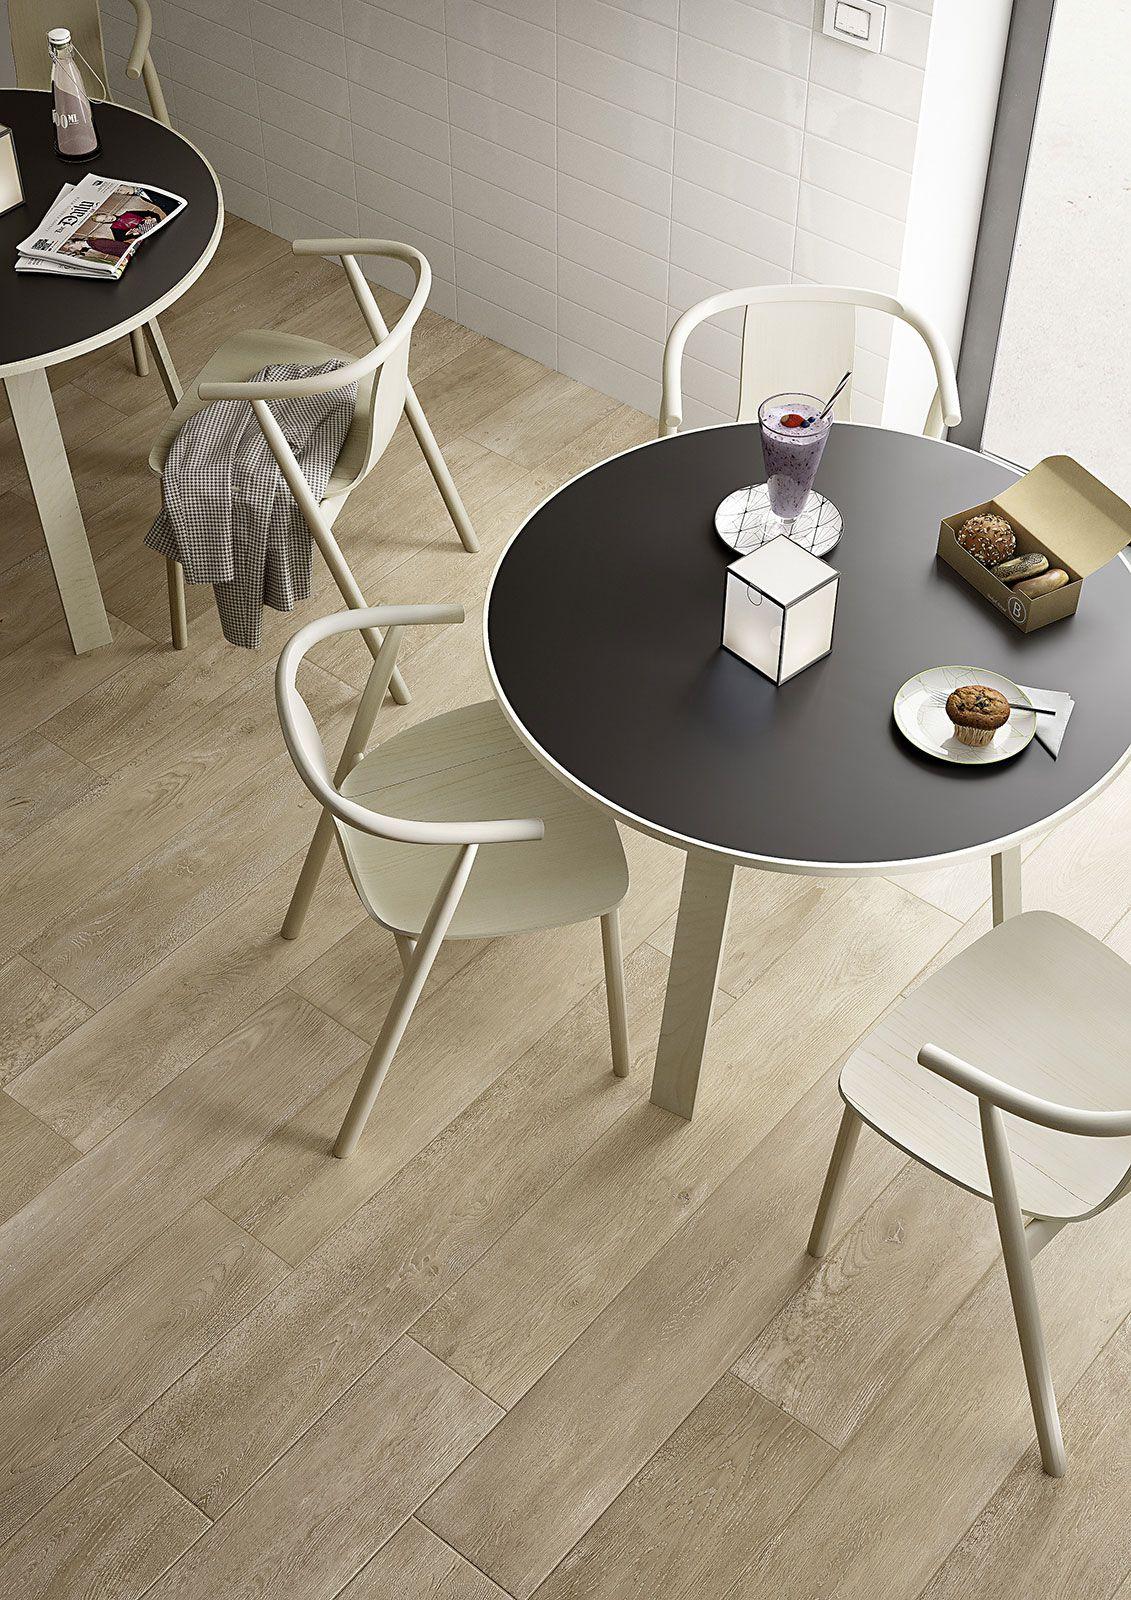 Treverktime Ceramic Tiles Marazzi 6543 Parquet Flooring